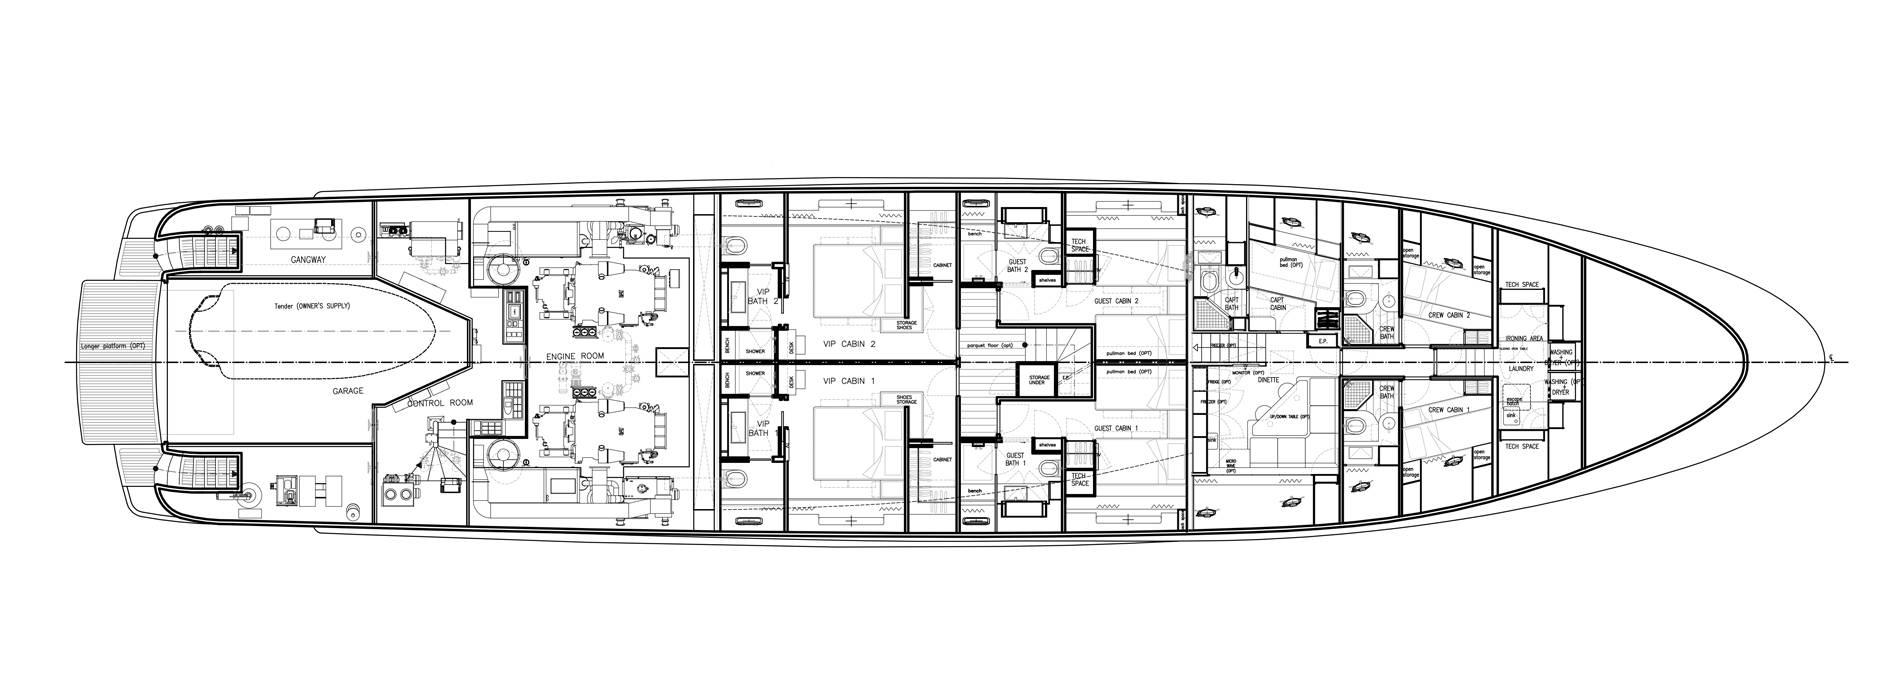 Sanlorenzo Yachts SD122-27 under offer Unterdeck